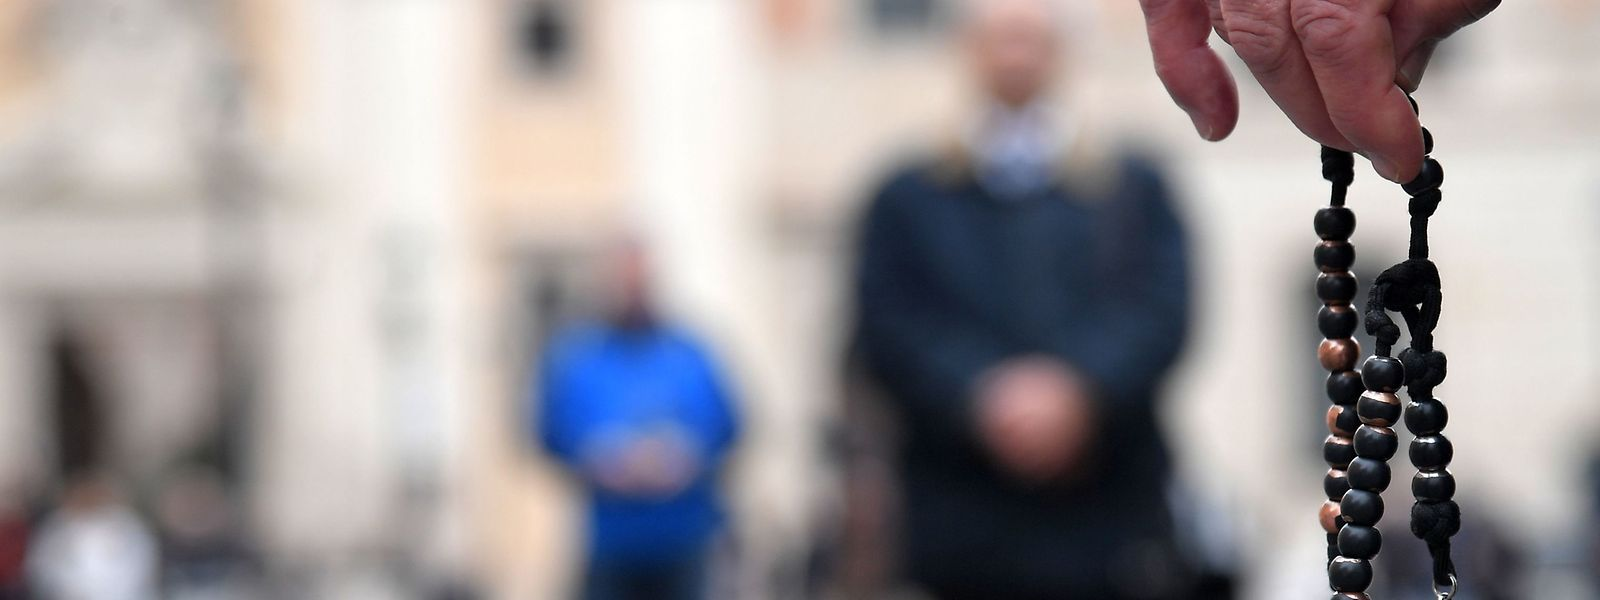 Des membres d'une coalition internationale connue sous le nom de «Acies Ordinata» manifestent sur la Piazza San Silvestro à Rome pour dénoncer le «mur du silence» érigé face au scandale de la pédophilie au sein de l'Eglise catholique, manifestation en amont d'un sommet sur ce sujet au Vatican.